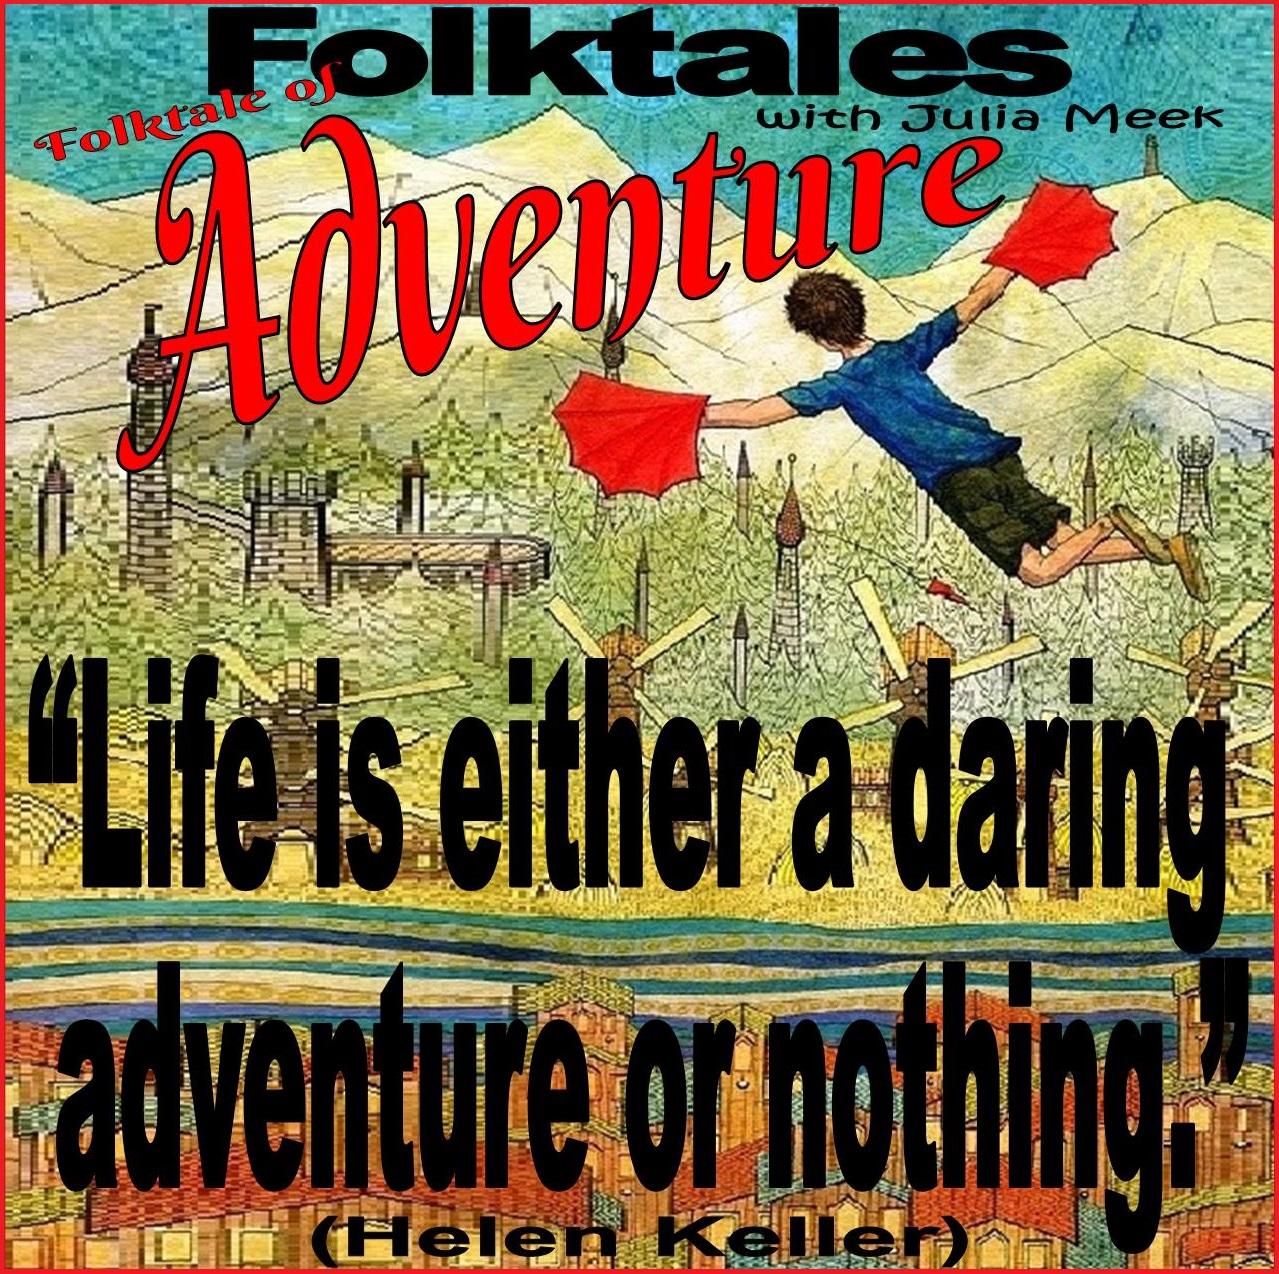 Caption: WBOI's Folktale of Adventure, Credit: Julia Meek